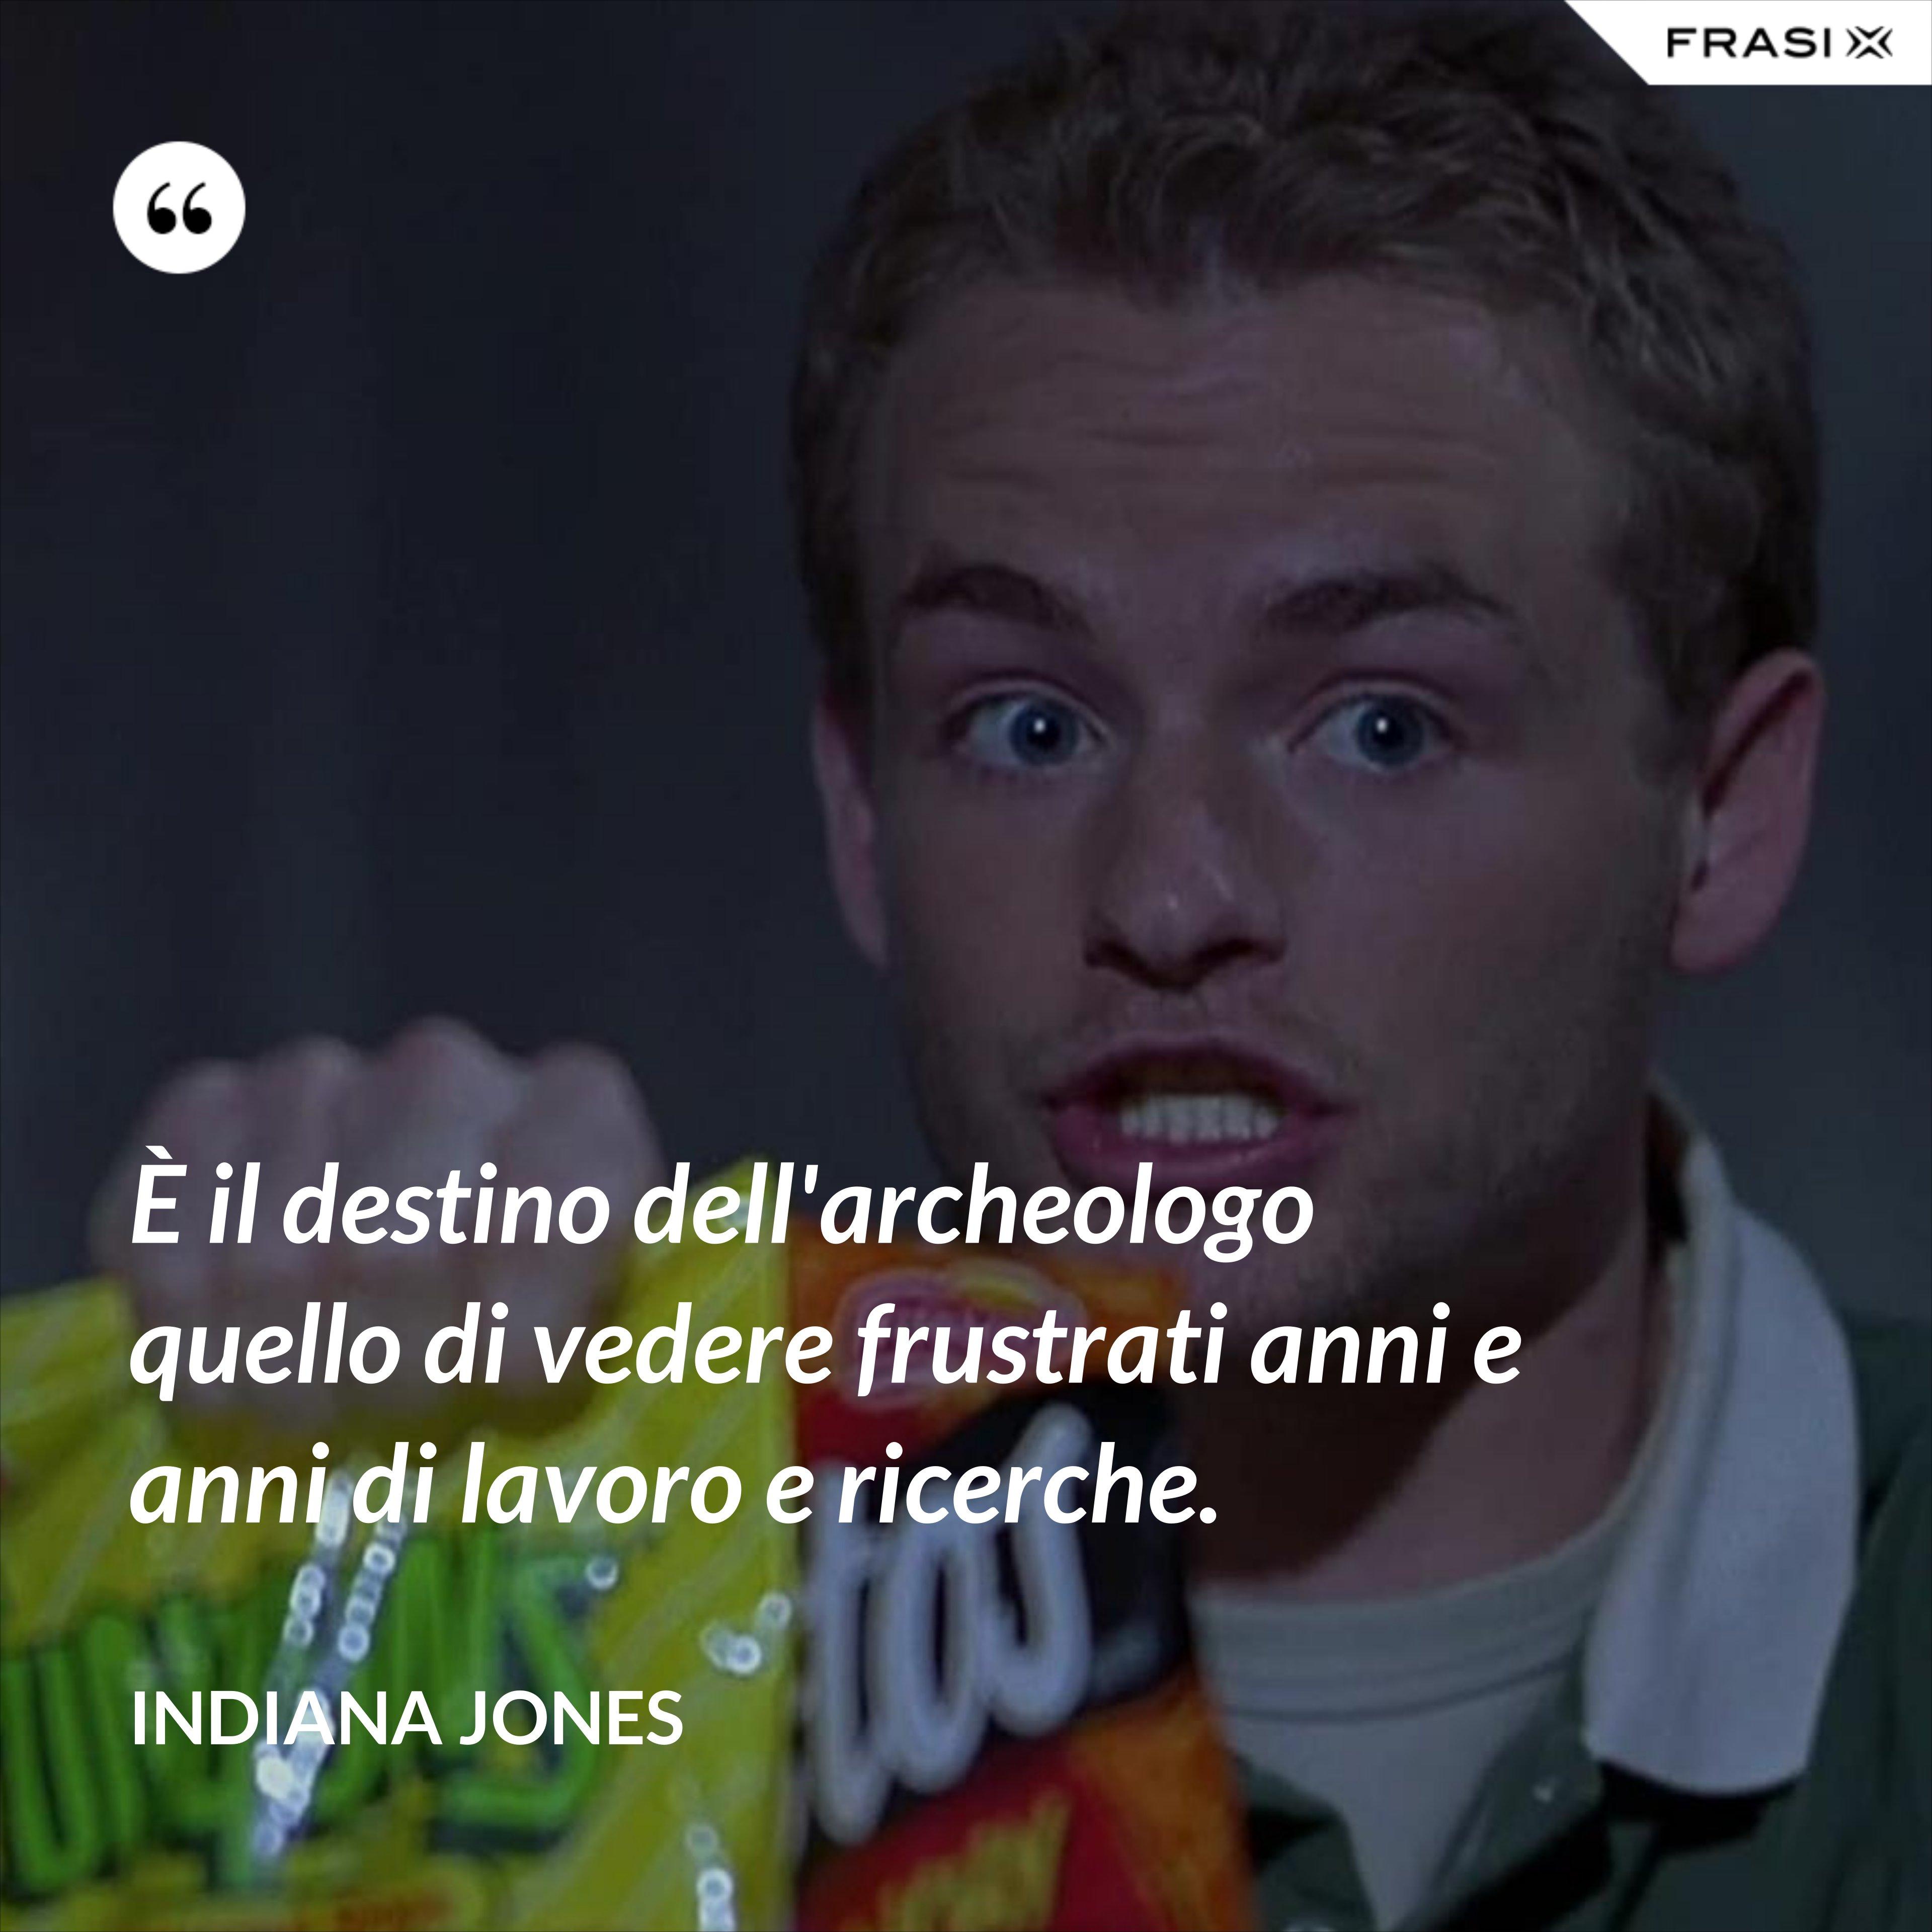 È il destino dell'archeologo quello di vedere frustrati anni e anni di lavoro e ricerche. - Indiana Jones